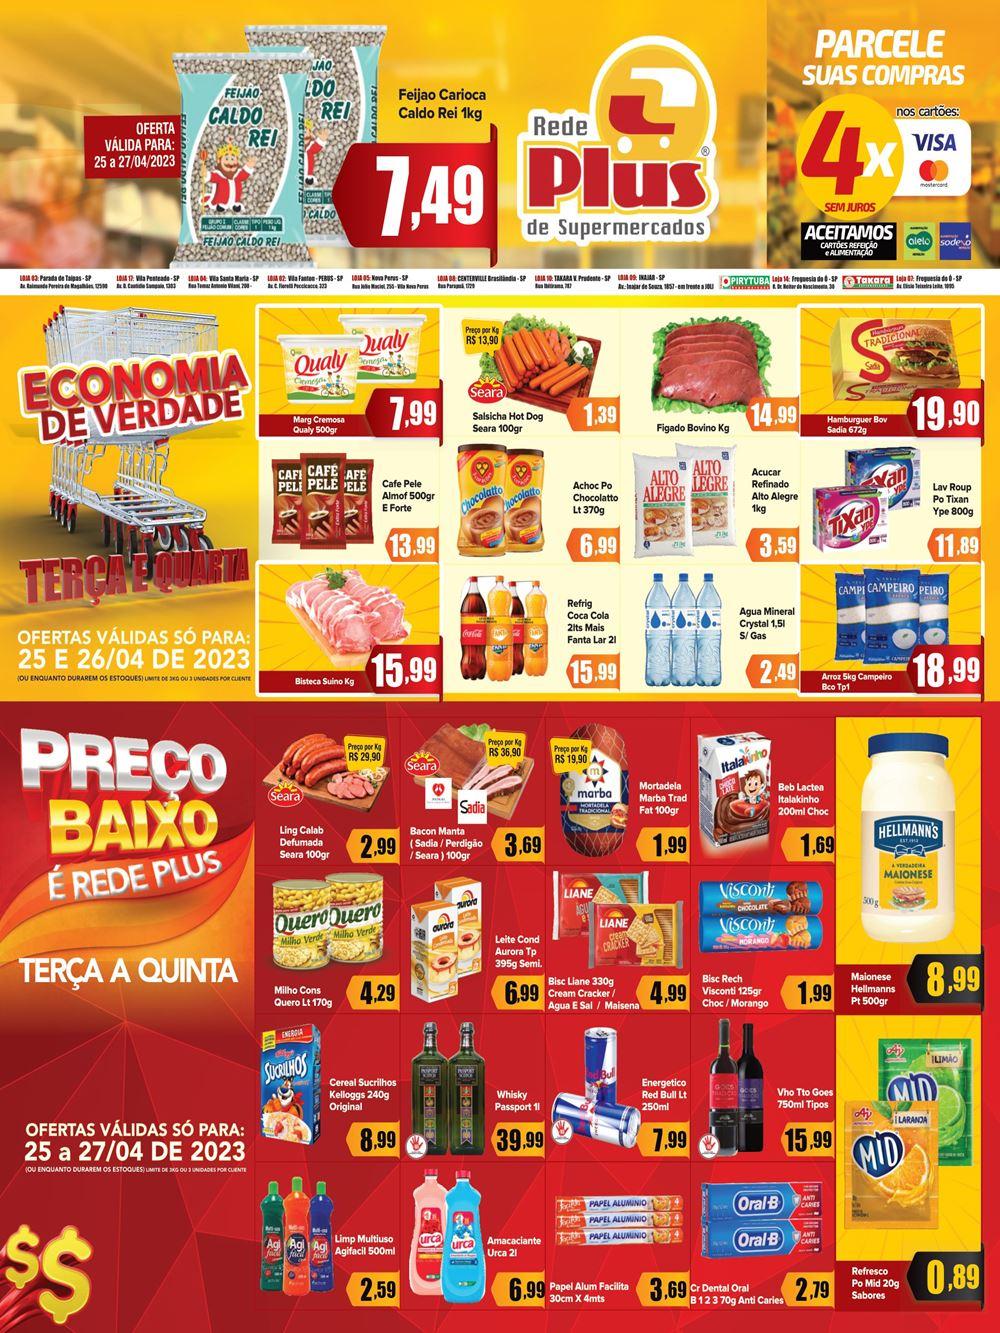 redeplustakara-ofertas-descontos-hoje1-100 Ofertas de supermercados